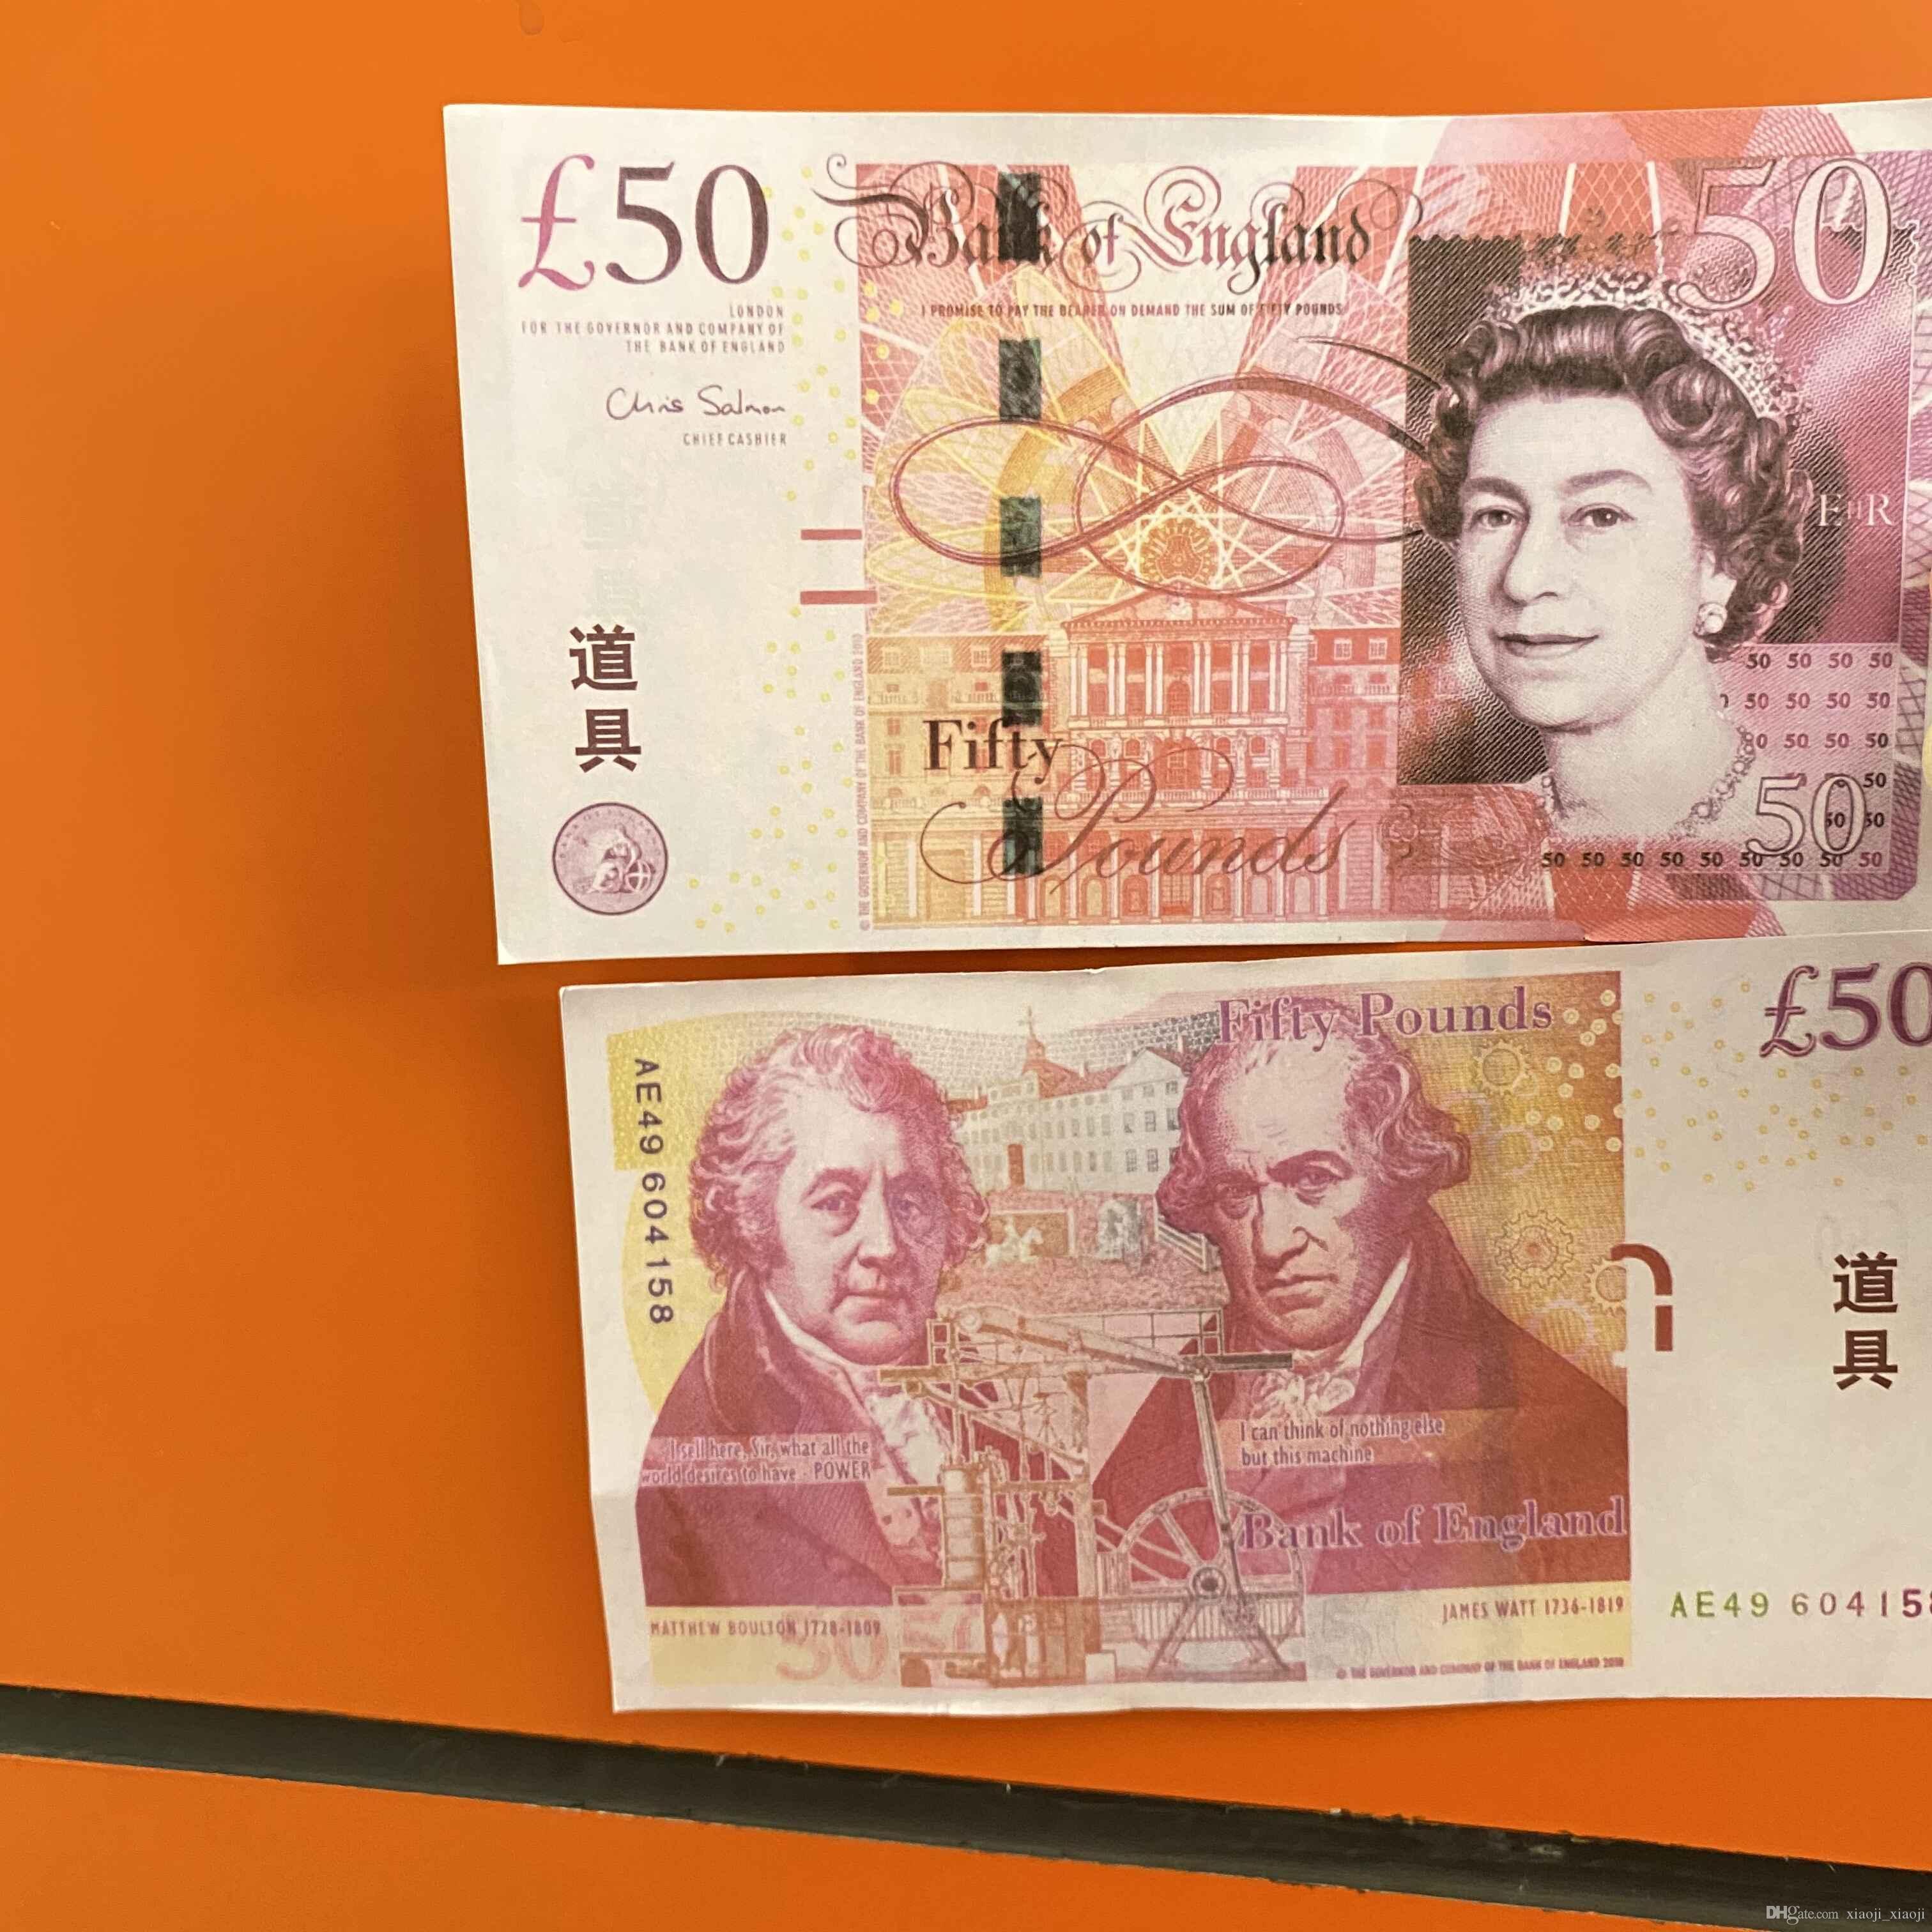 Copiar dinheiro PROP DESPARIÇO DINHEIRO DINHEIRO PROP PROP UK Banknote Libra Papel Vendas 100 pcs / Pack Lhklh